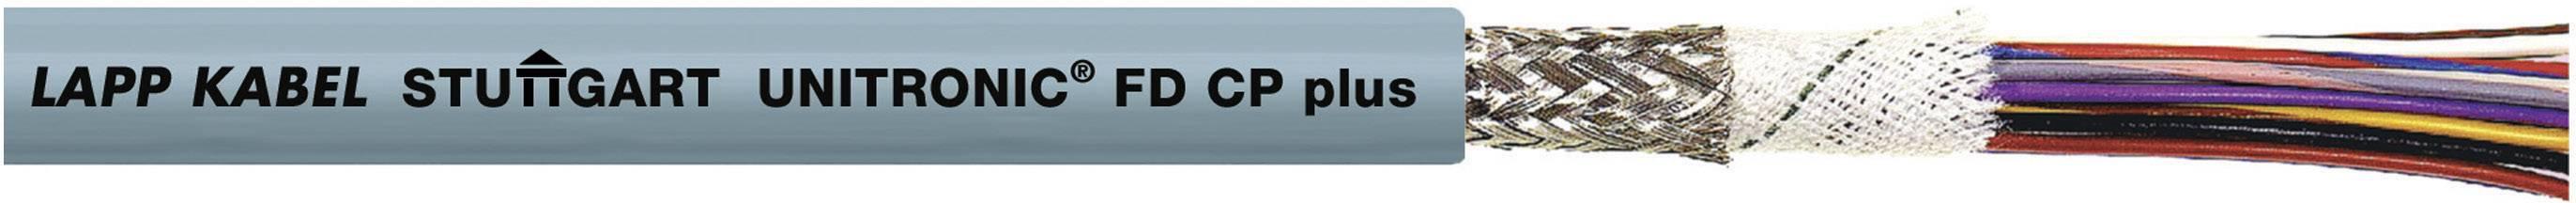 Datový kabel LappKabel UNITRONIC FD CP plus 3X0,25 (0028890), 3x 0,25 mm², stíněný, 1 m, šedá